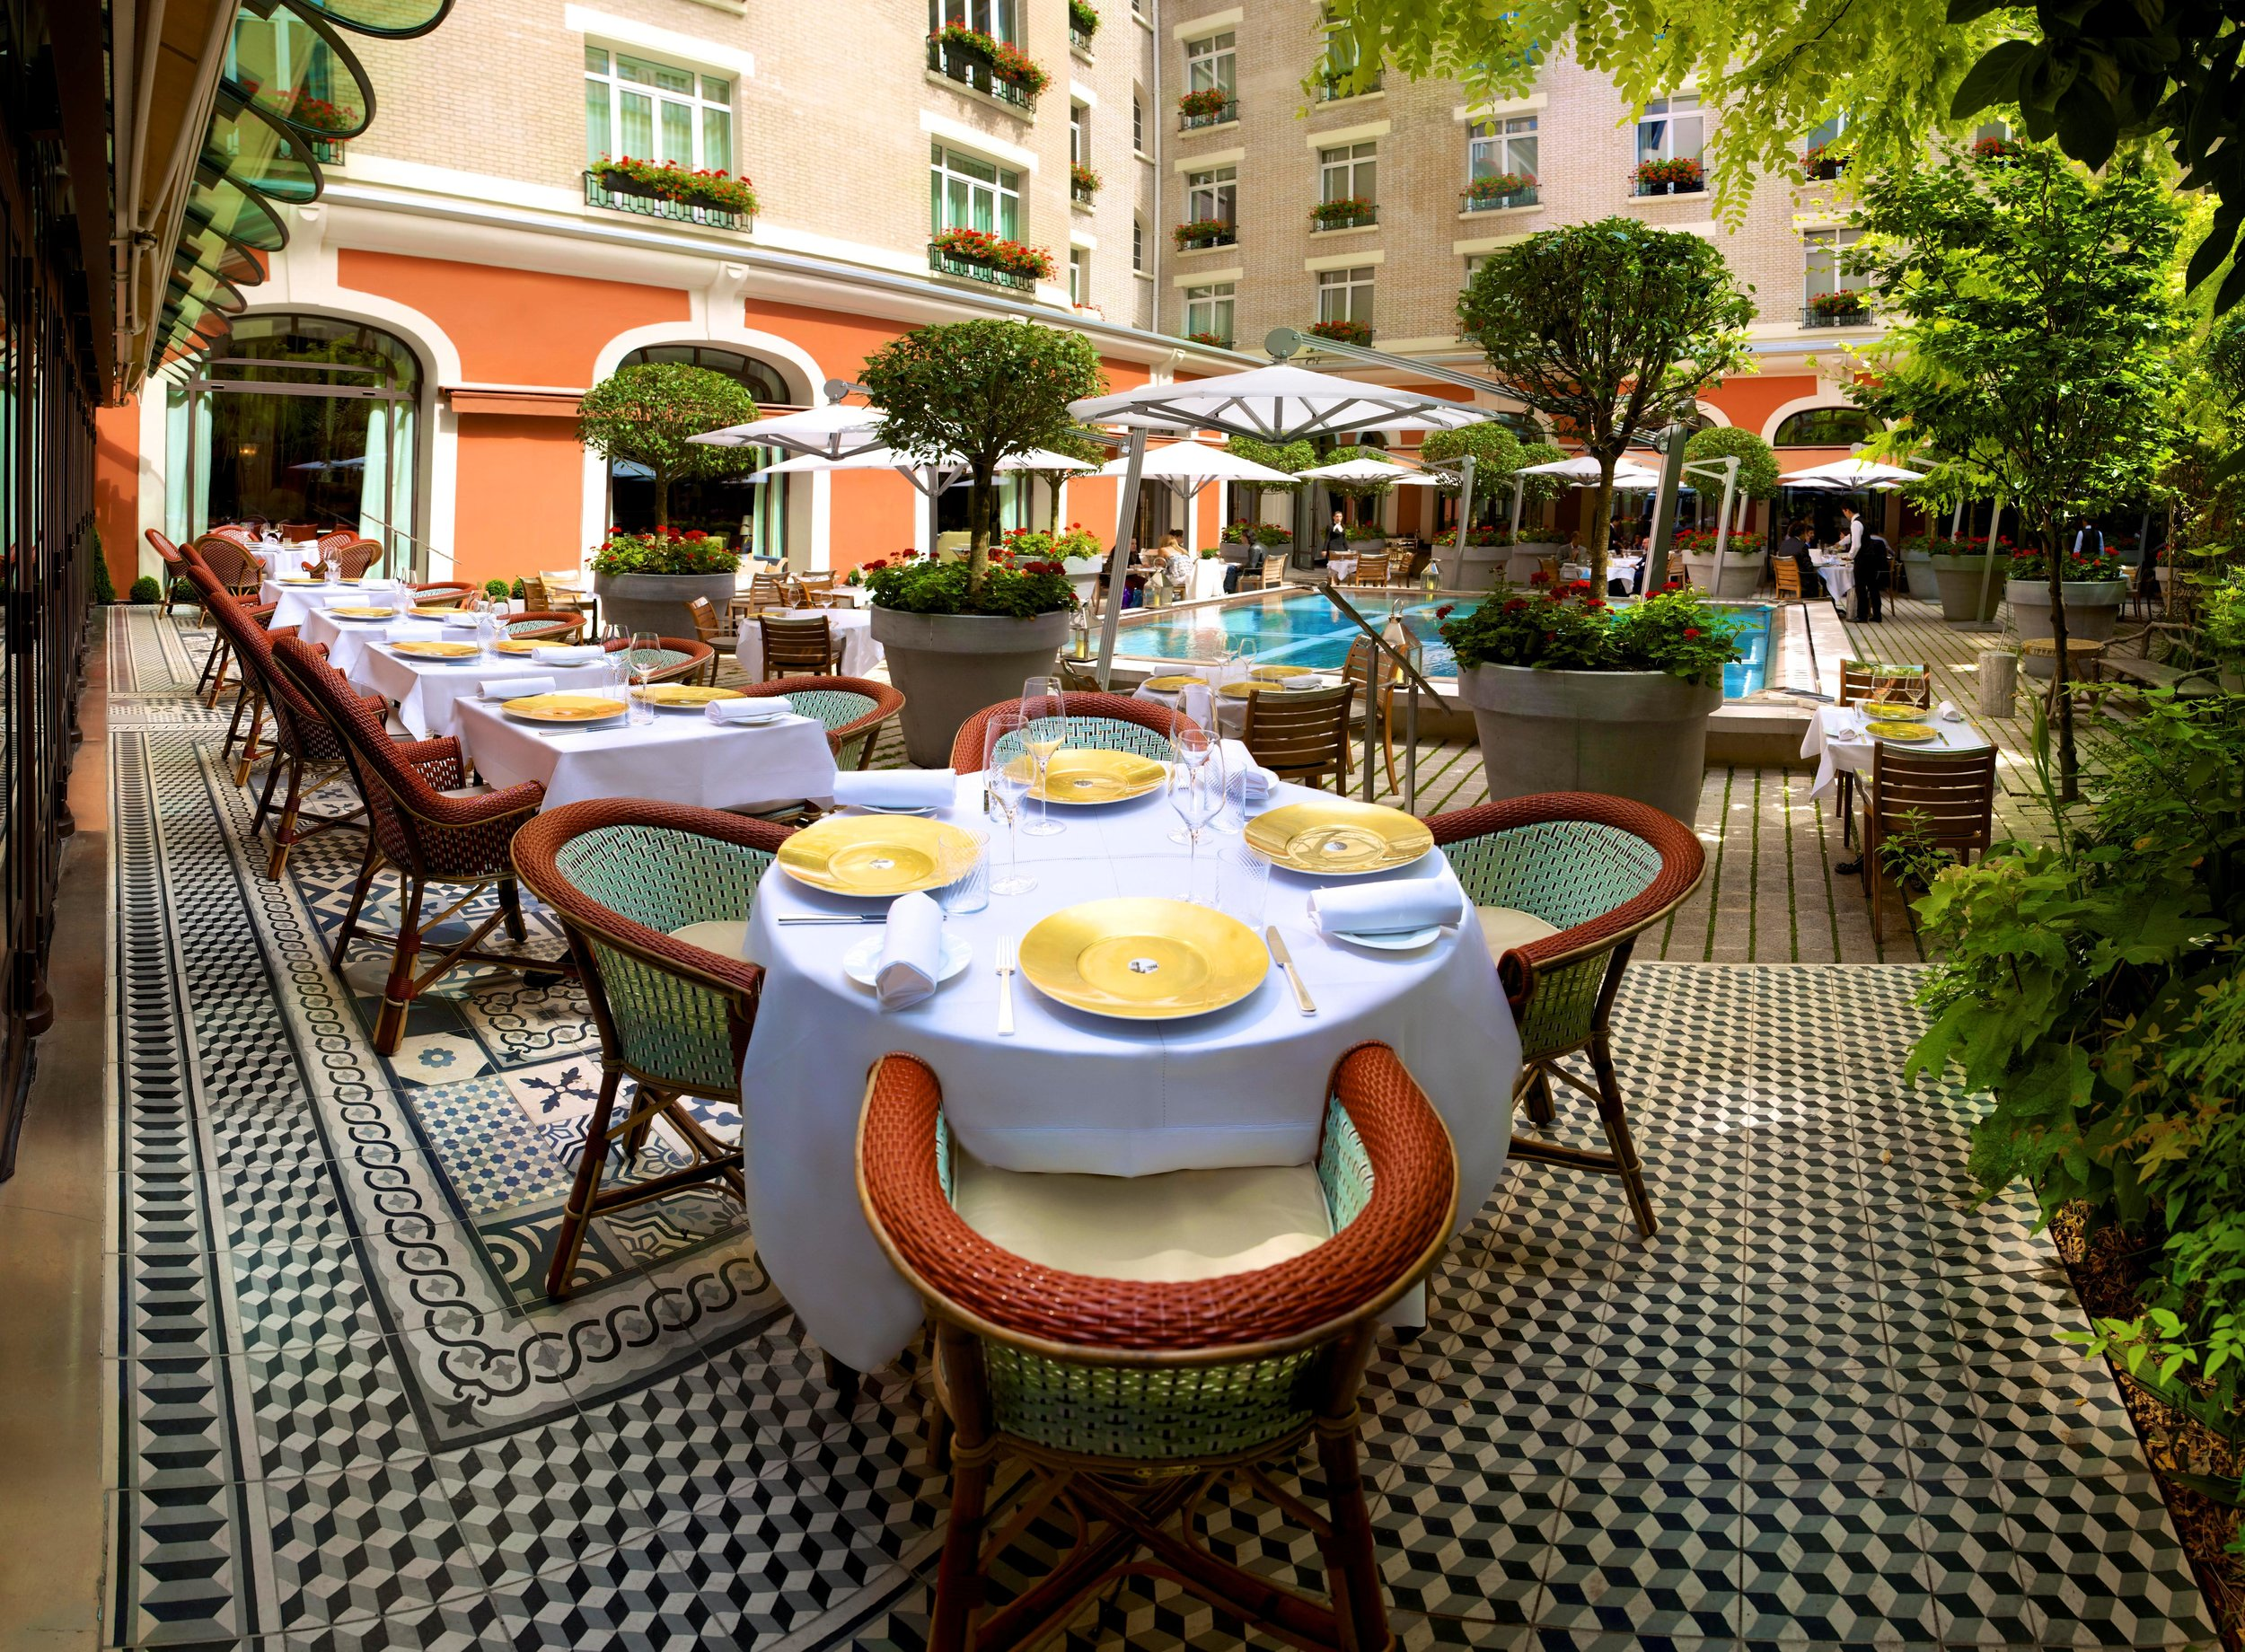 Hotel Photo 3 - Credit_Le Royal Monceau Raffles Paris.jpg